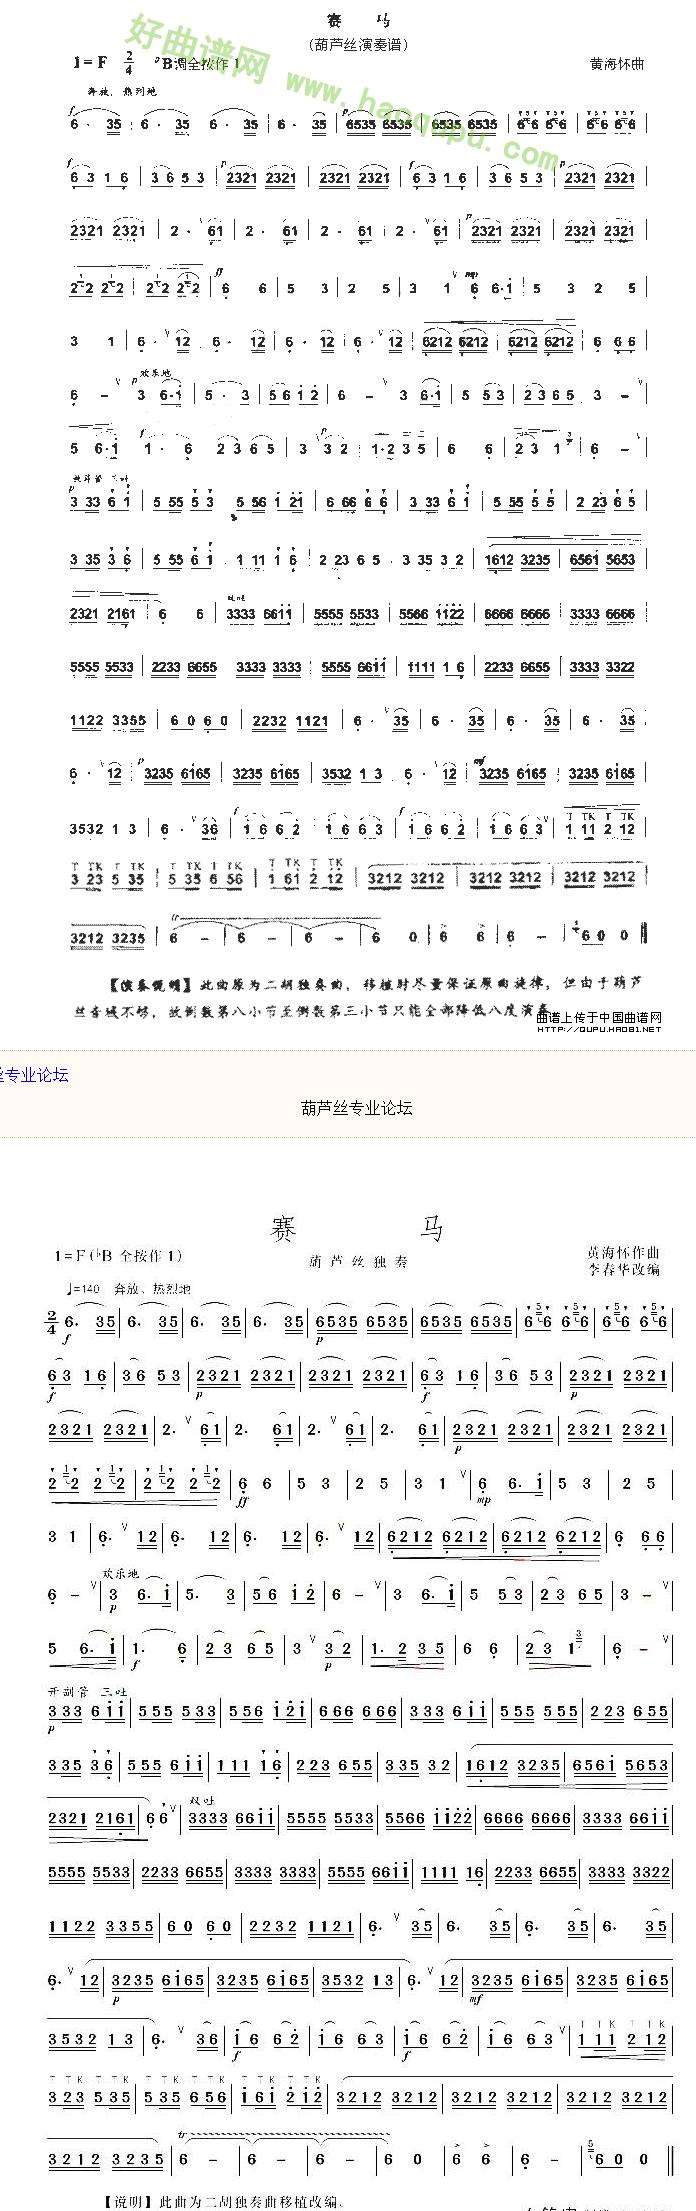 葫芦丝 赛马歌谱展示